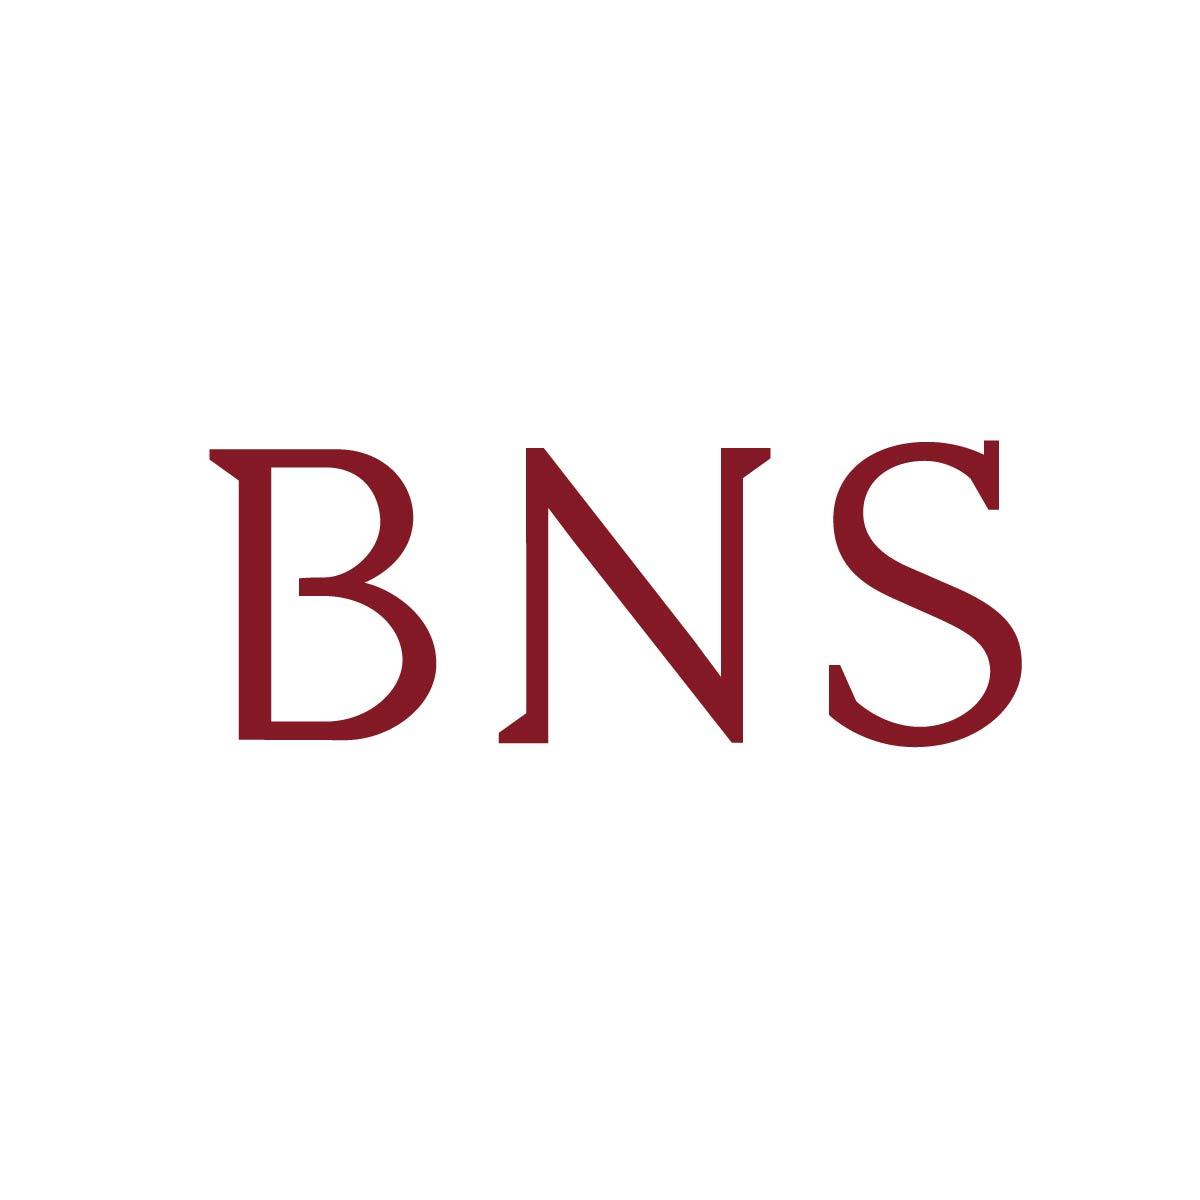 Wort-Marke Wortmarke Unternehmensdesign BNS Mainz Firmenlogo